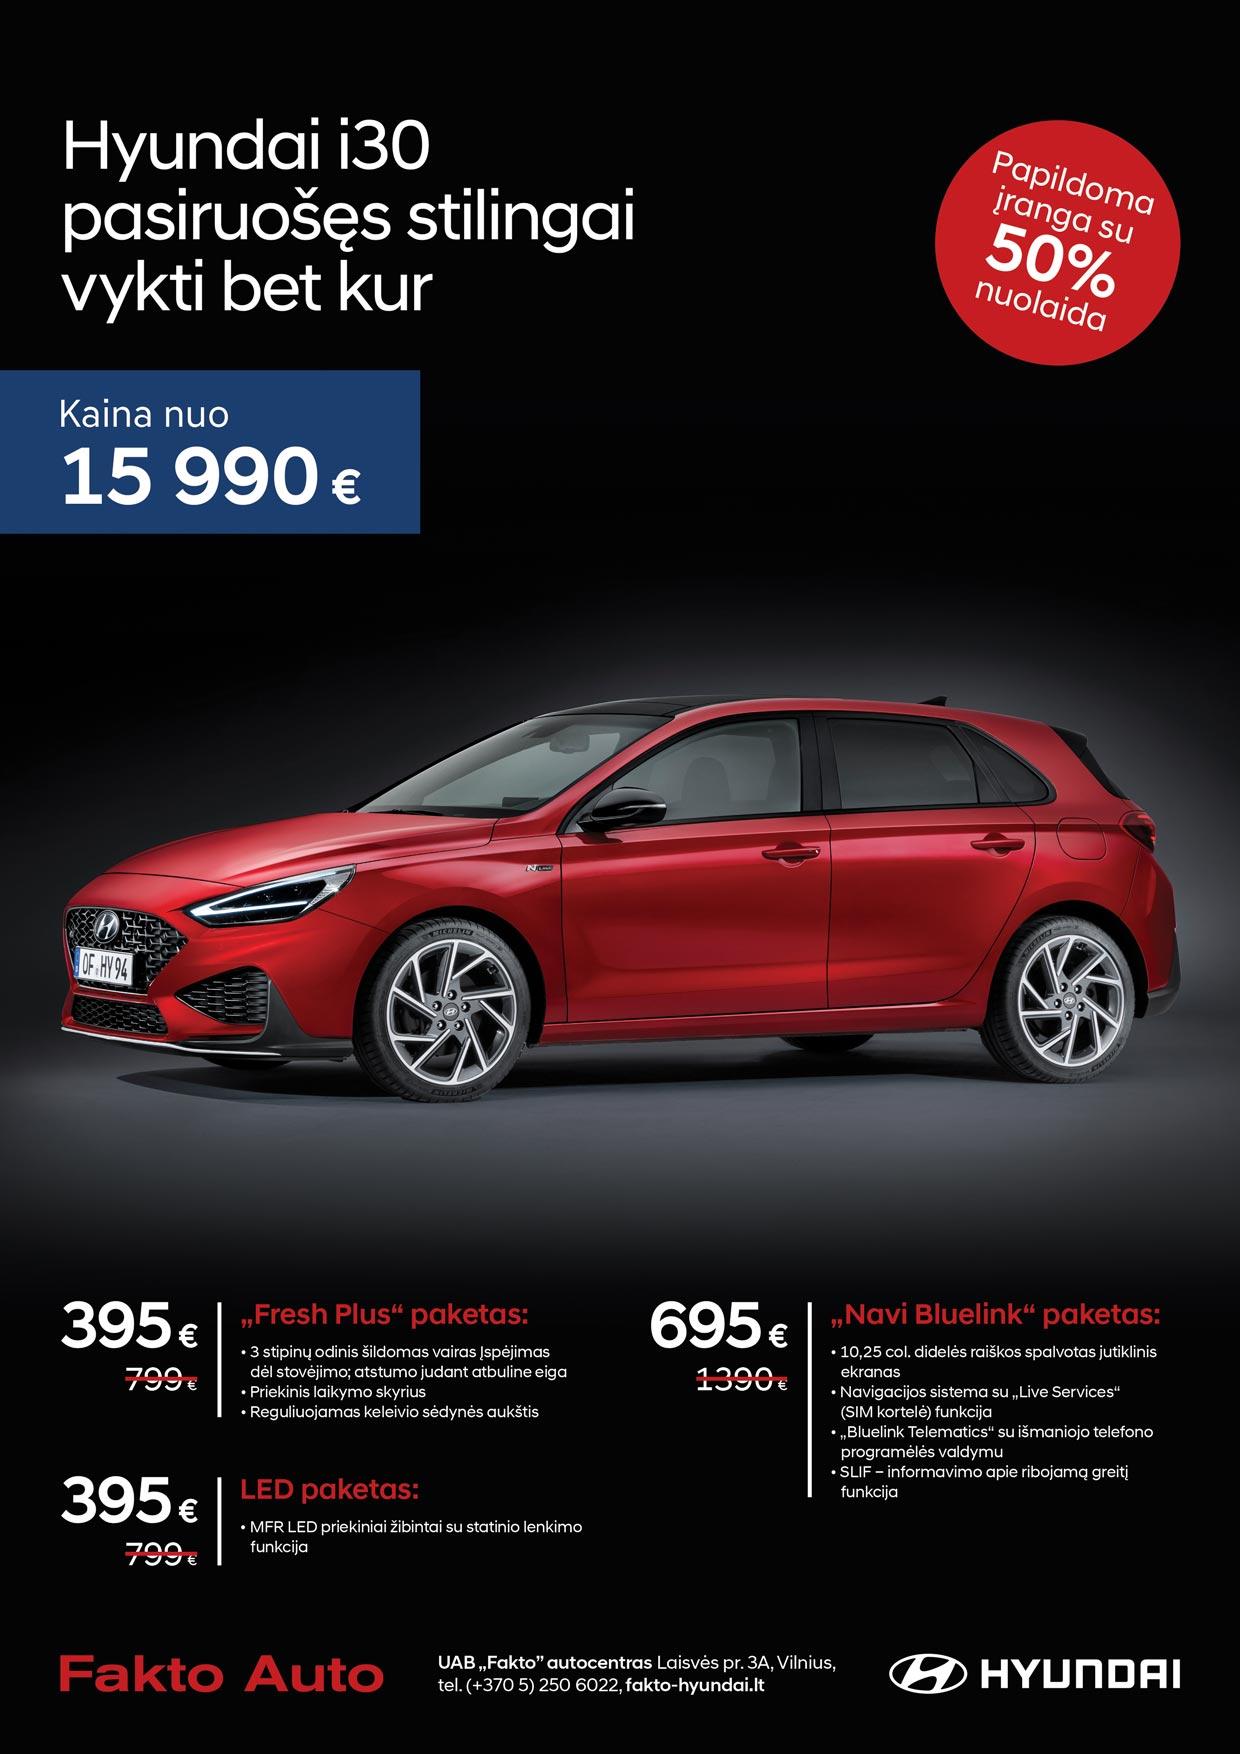 Hyundai fastback iranfgos paketai